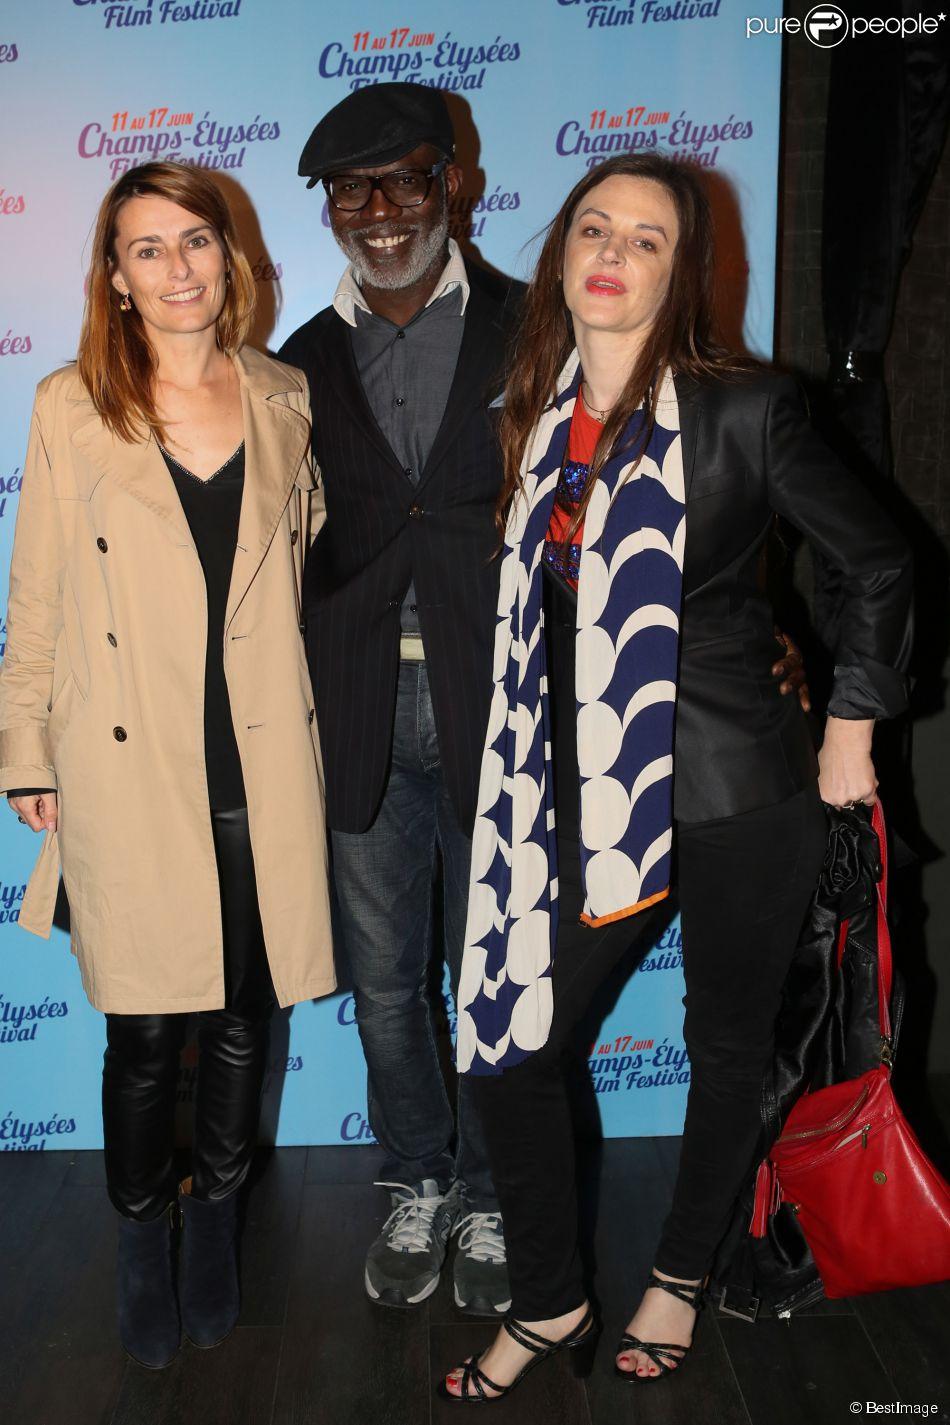 Exclusif - Fleur Albert, Eriq Ebouaney, Sylvie Brenet - After-party de la cérémonie de clôture du 3e Champs-Elysées Film Festival au Club 79 à Paris, le 17 juin 2014.